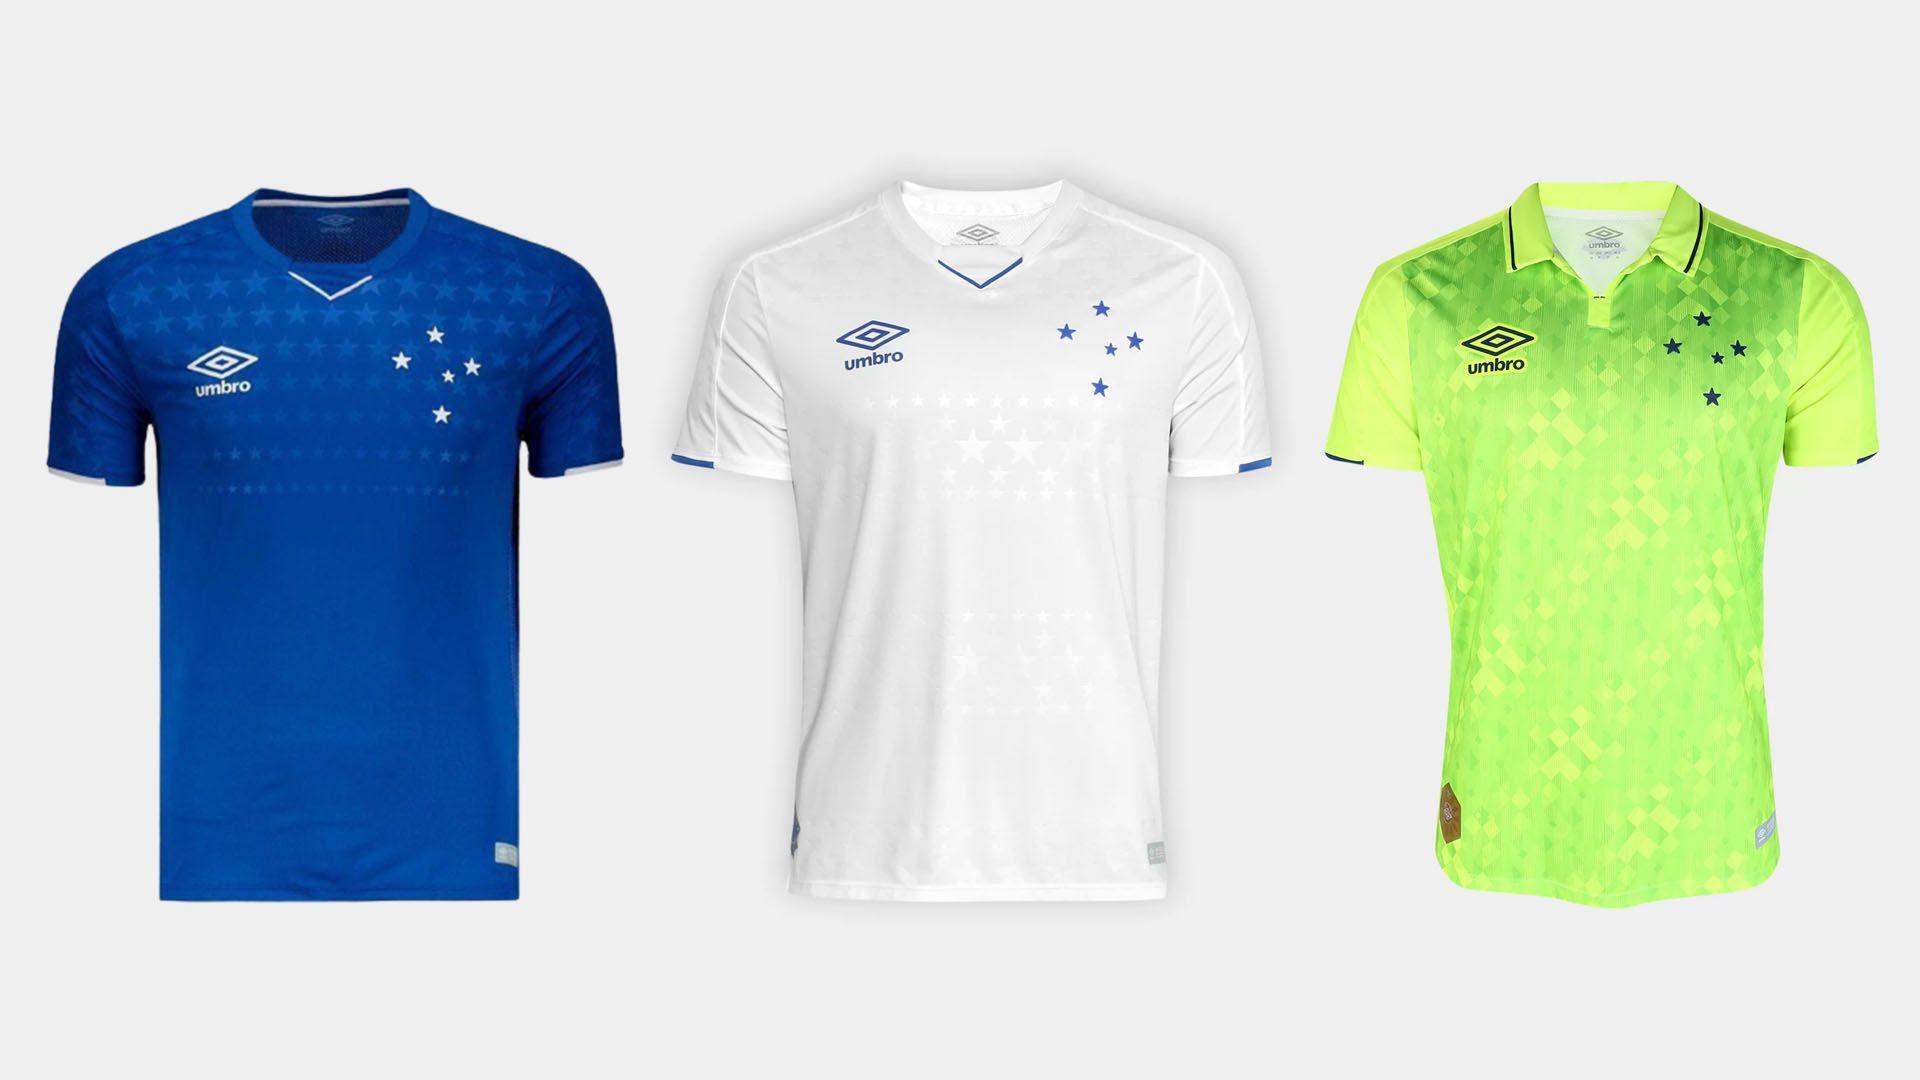 Camisa do Cruzeiro 2019 Adidas Jogo 1, 2 e 3 (Imagem: Divulgação/Adidas)